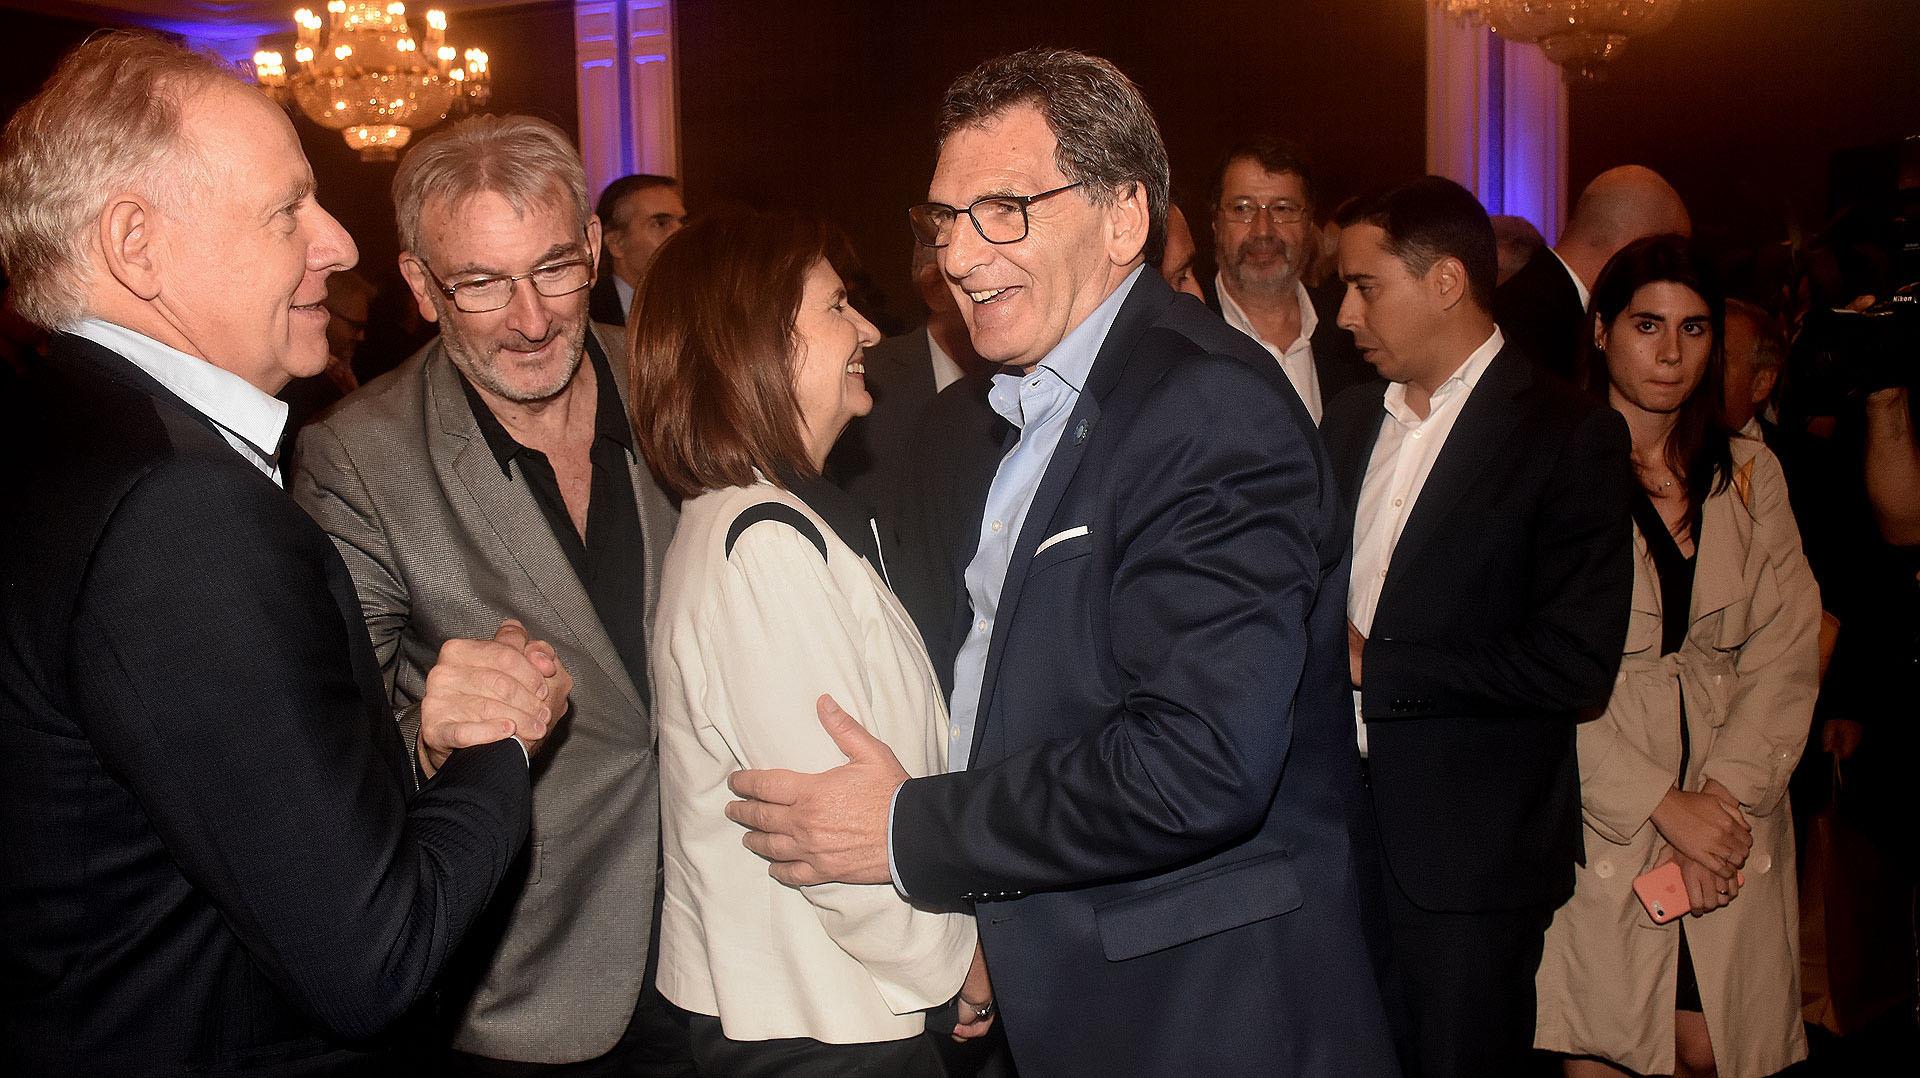 El saludo entre Alejandro Dosoretz y Guillermo Yanco, y entre Patricia Bullrich y Claudio Avruj, secretario de Derechos Humanos y Pluralismo Cultural